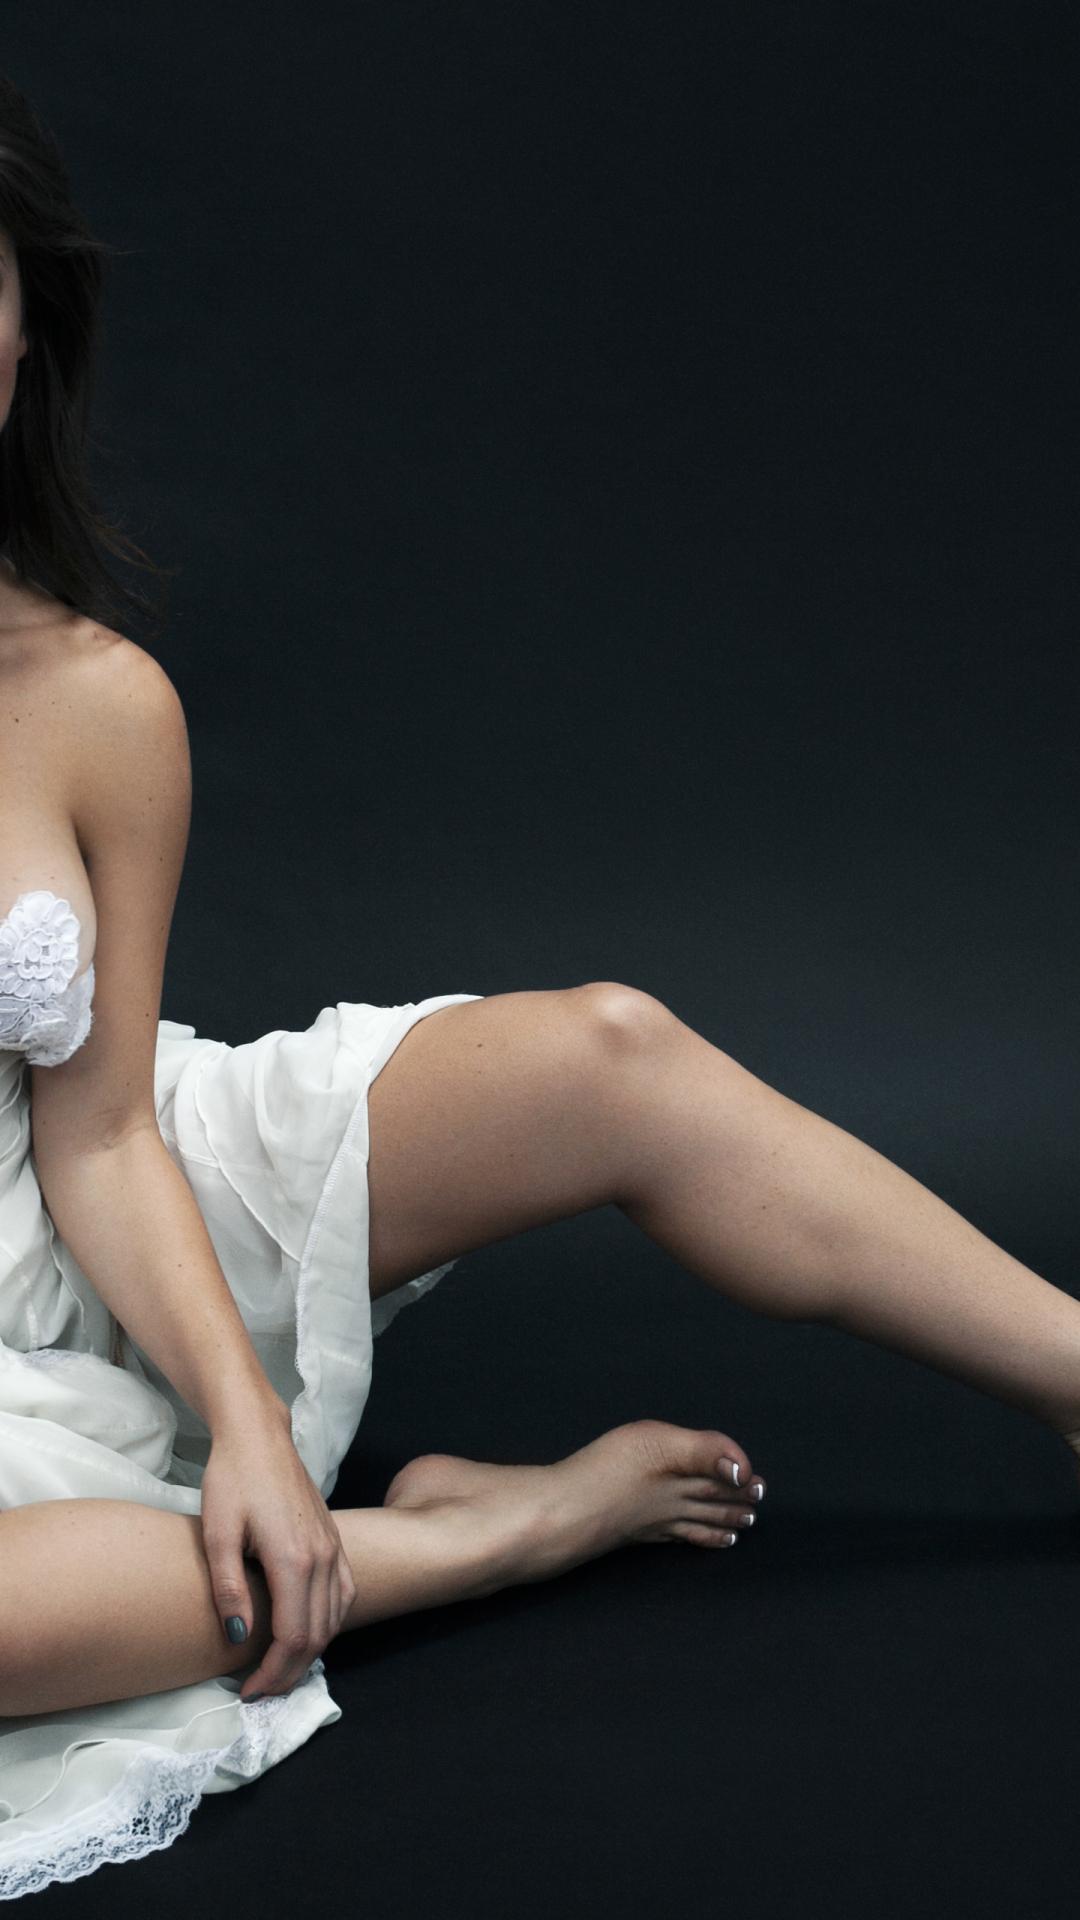 Amanda cerny hot pics